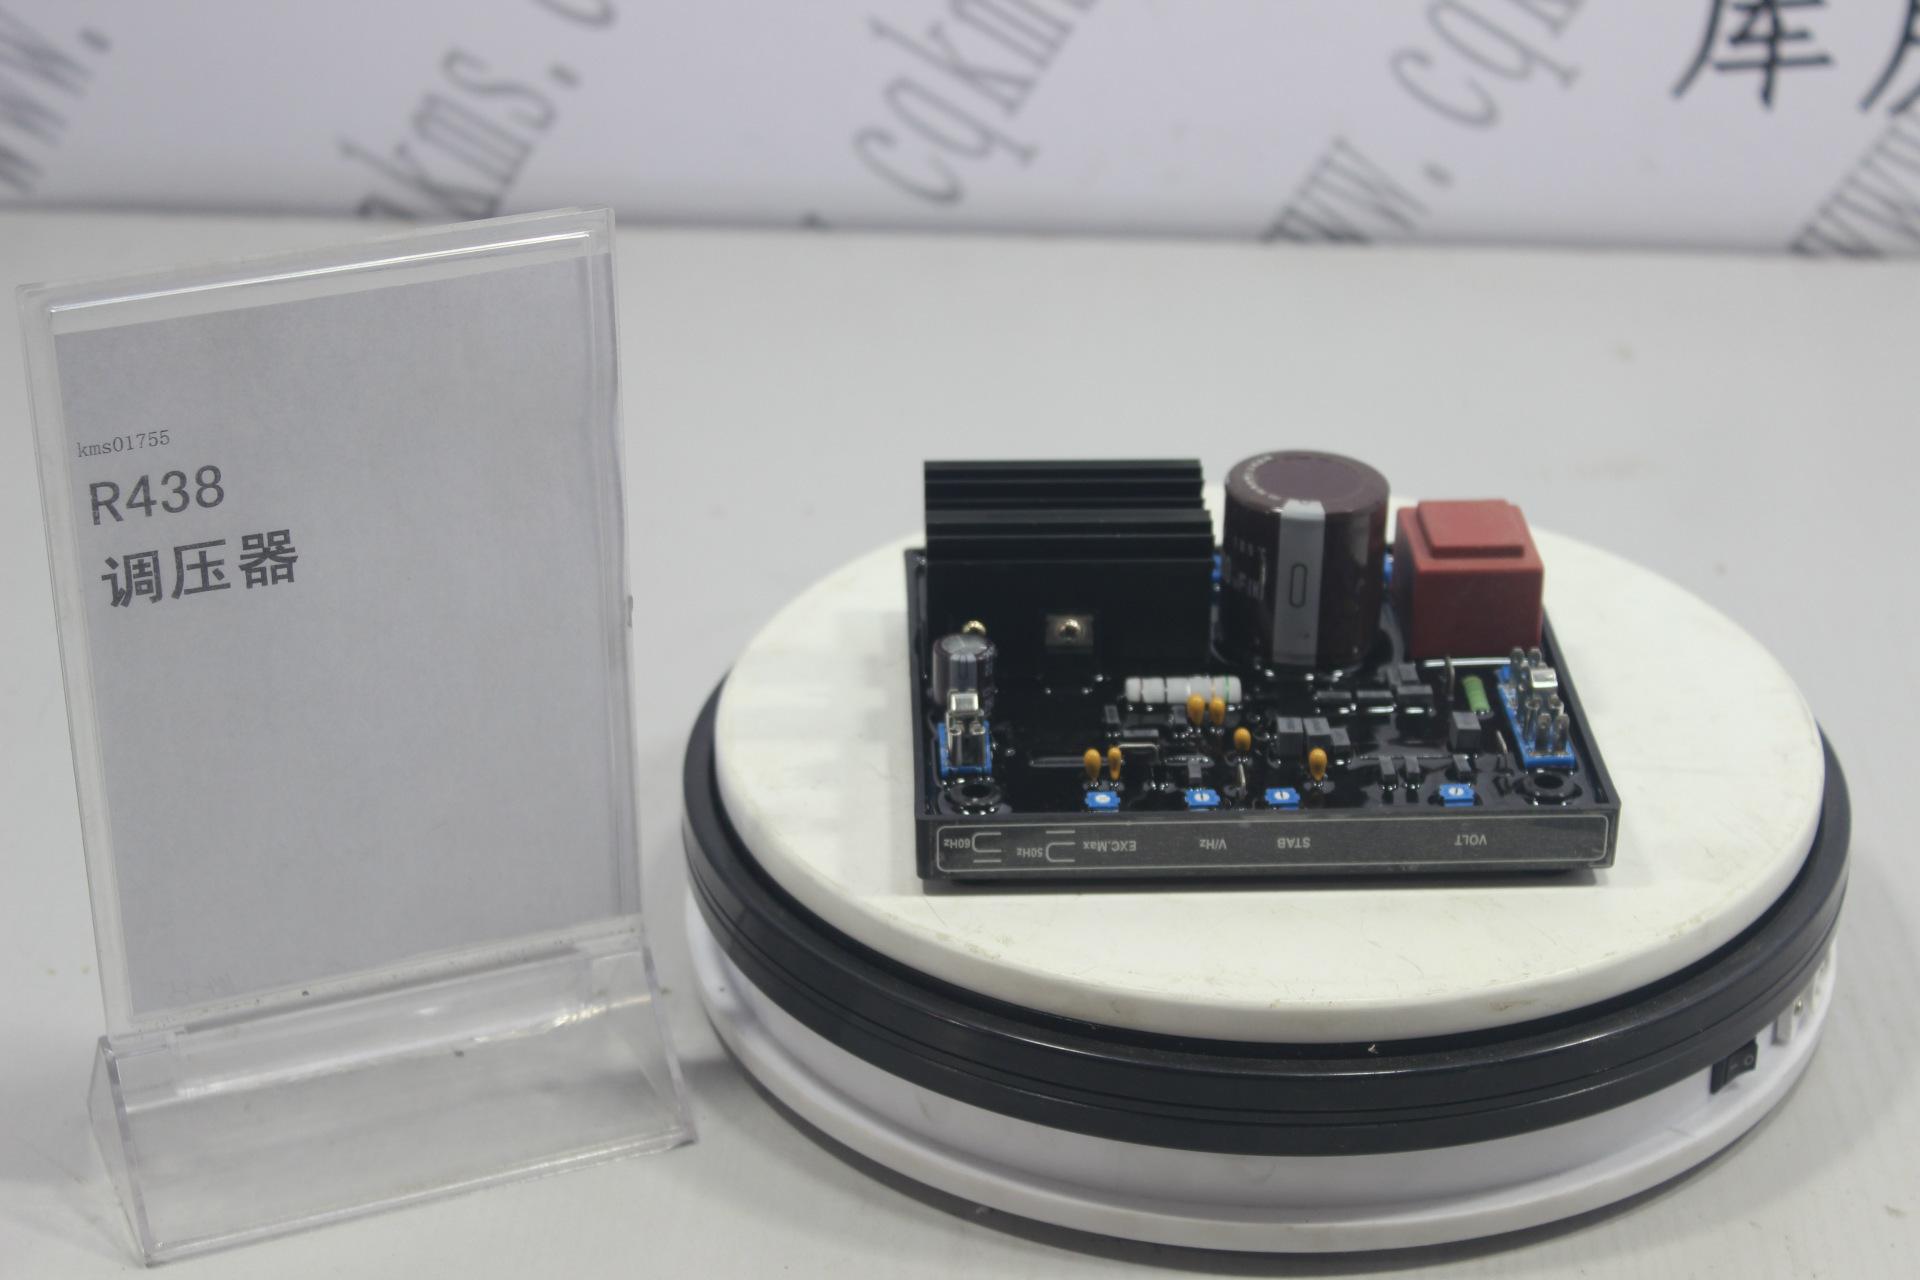 kms01755-R438-调压器图片5